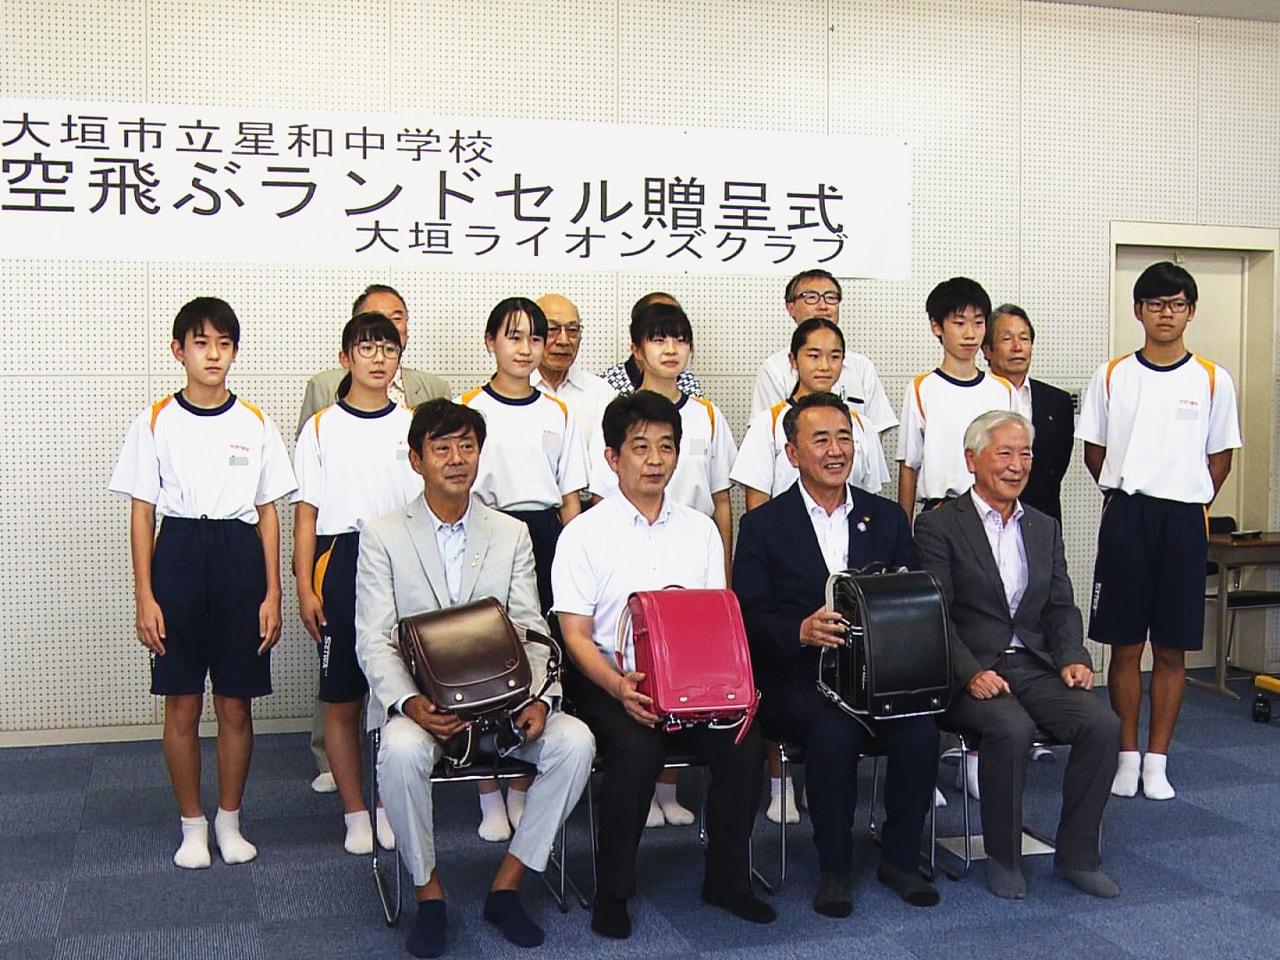 使い終えたランドセルを東南アジアの子どもたちに使ってもらおうと、岐阜県大垣市の中...